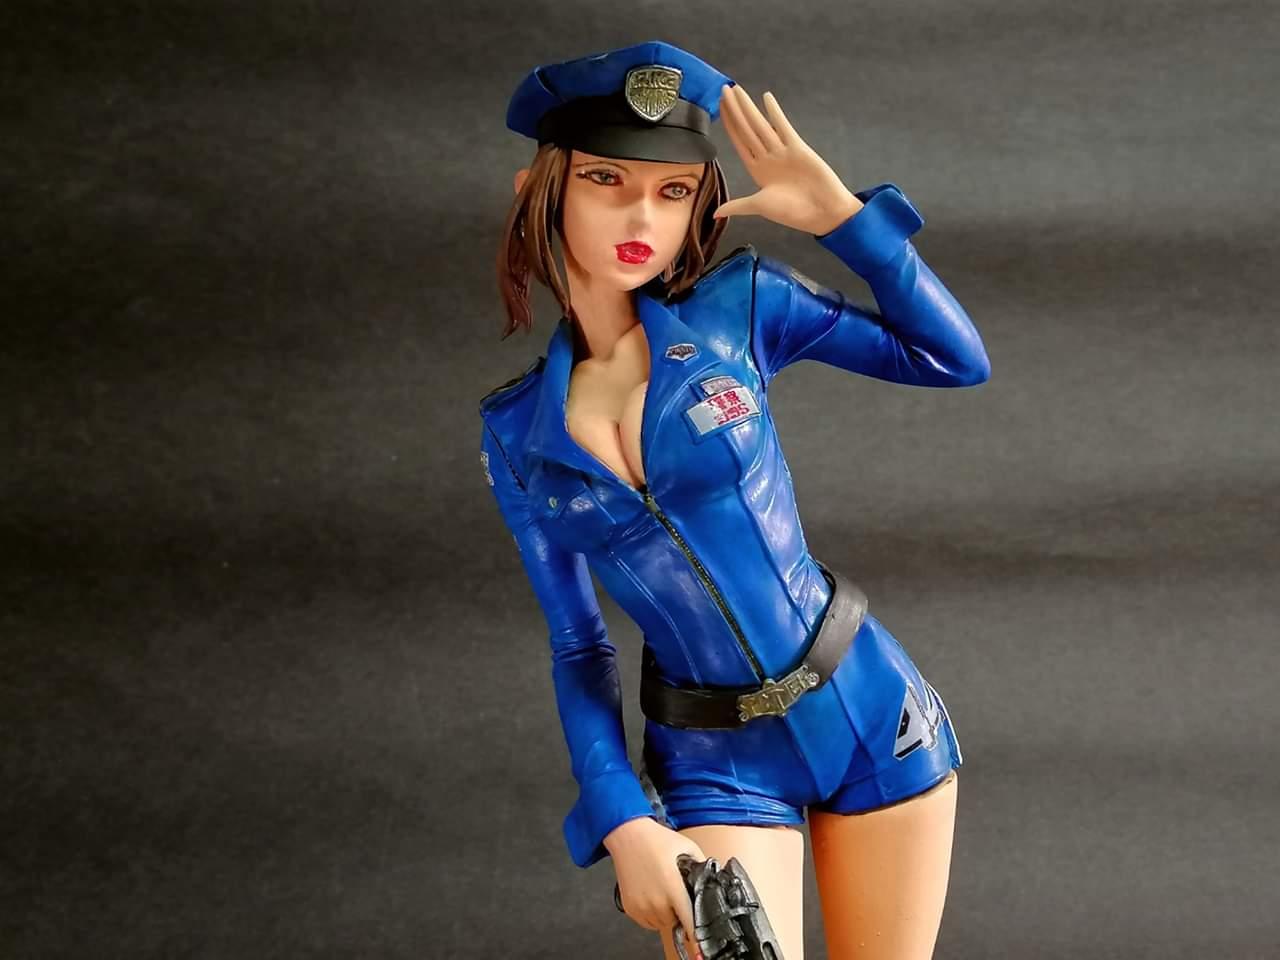 Spinner Girl Blade Runner Police  - 1974